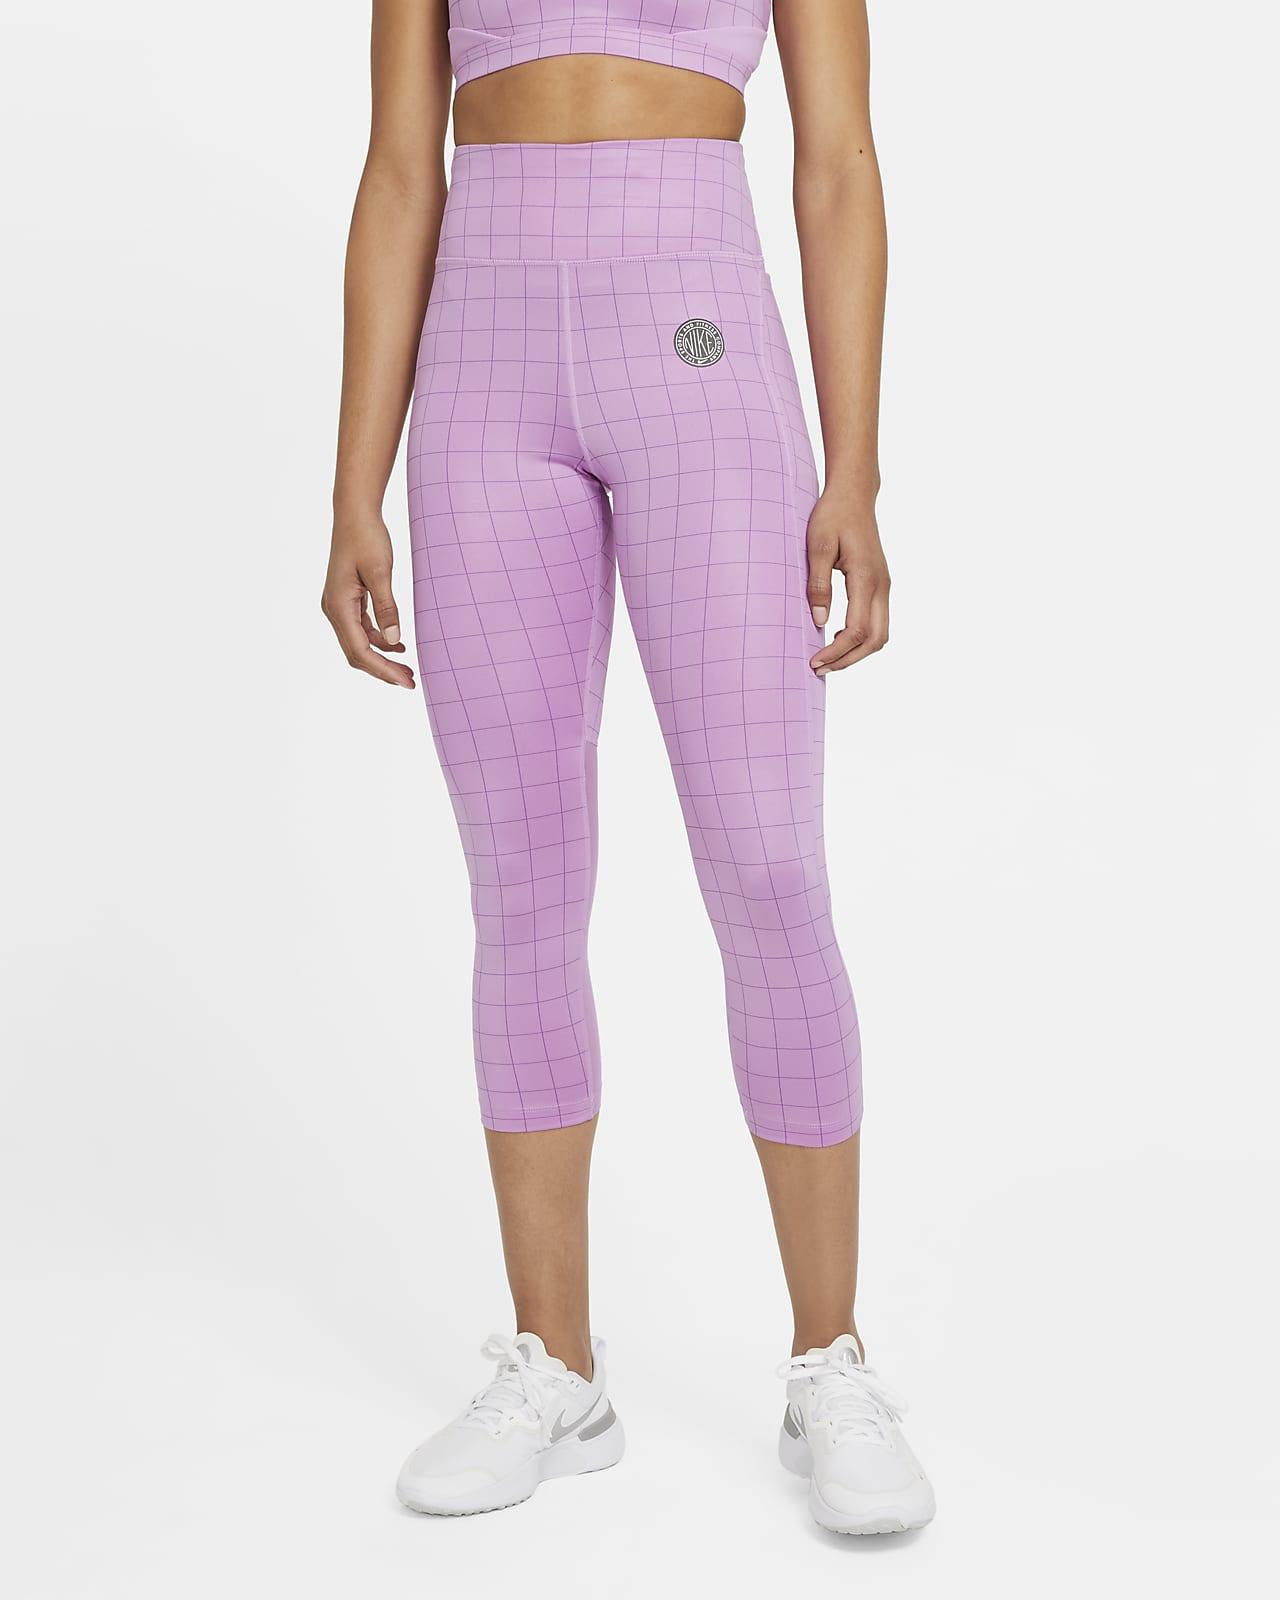 Nike Epic Fast Femme Korte hardlooplegging voor dames